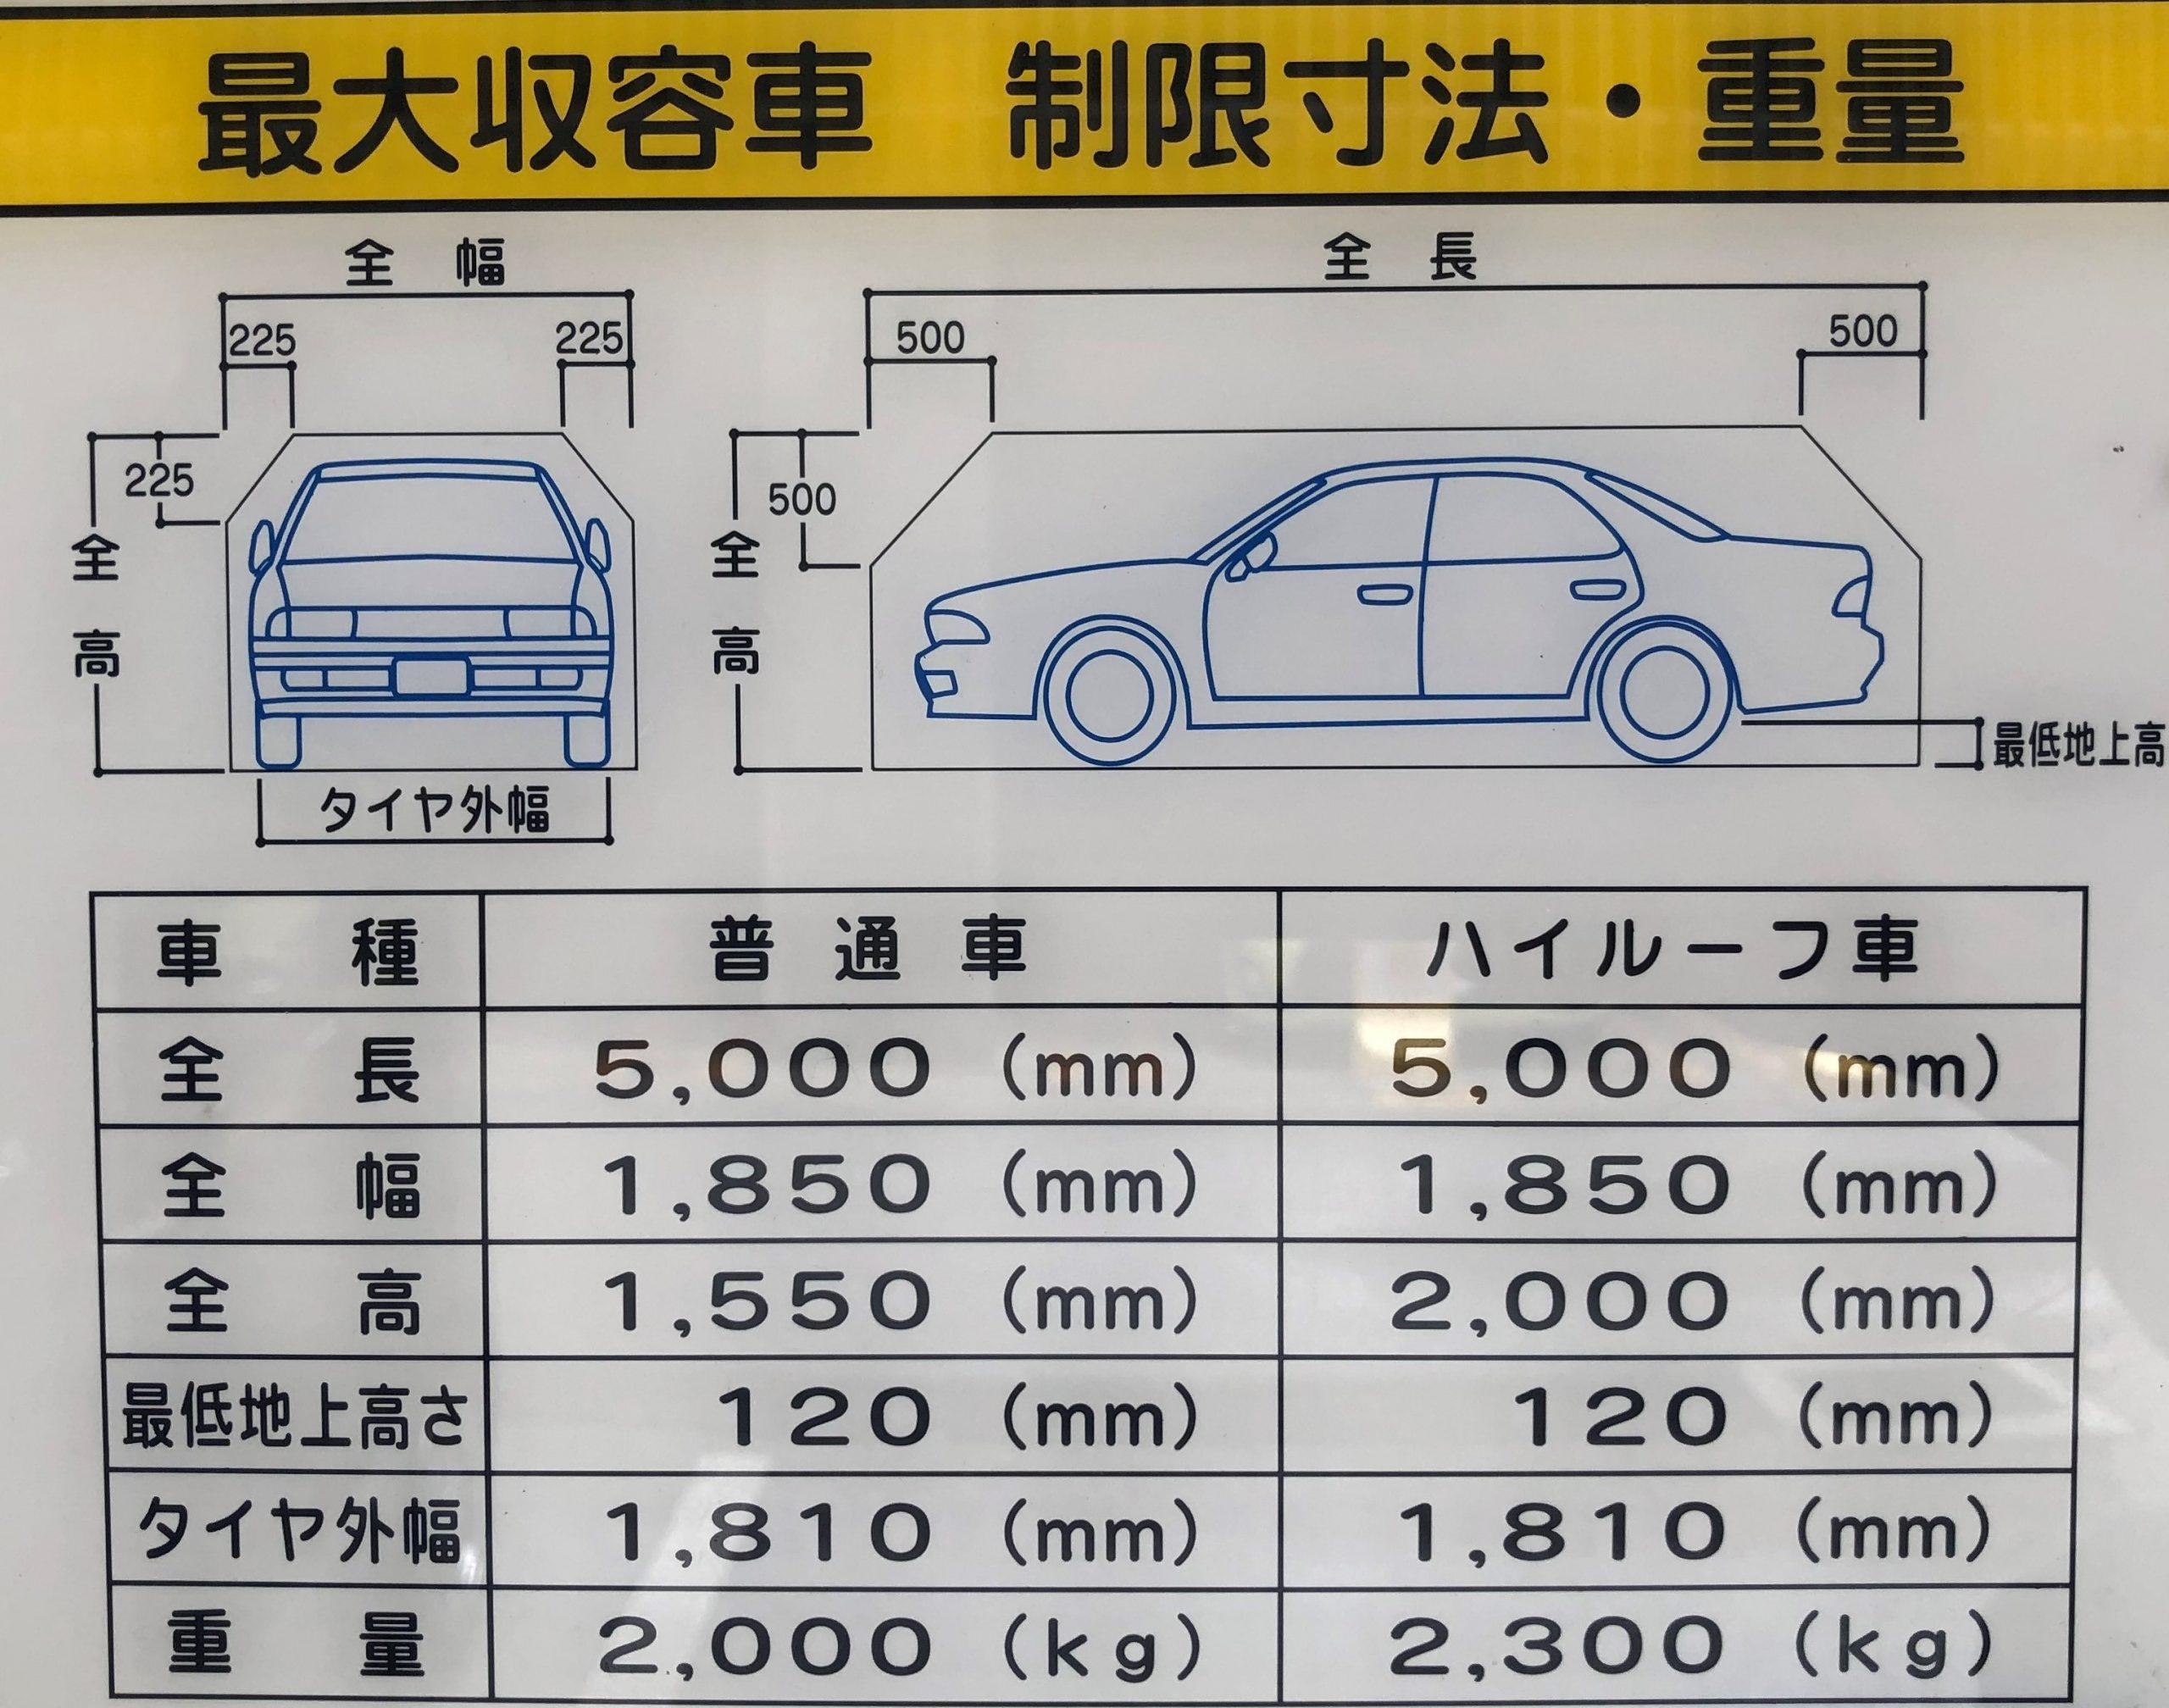 【駐車場】お車(レンタカー)でご利用の際にはご確認ください。